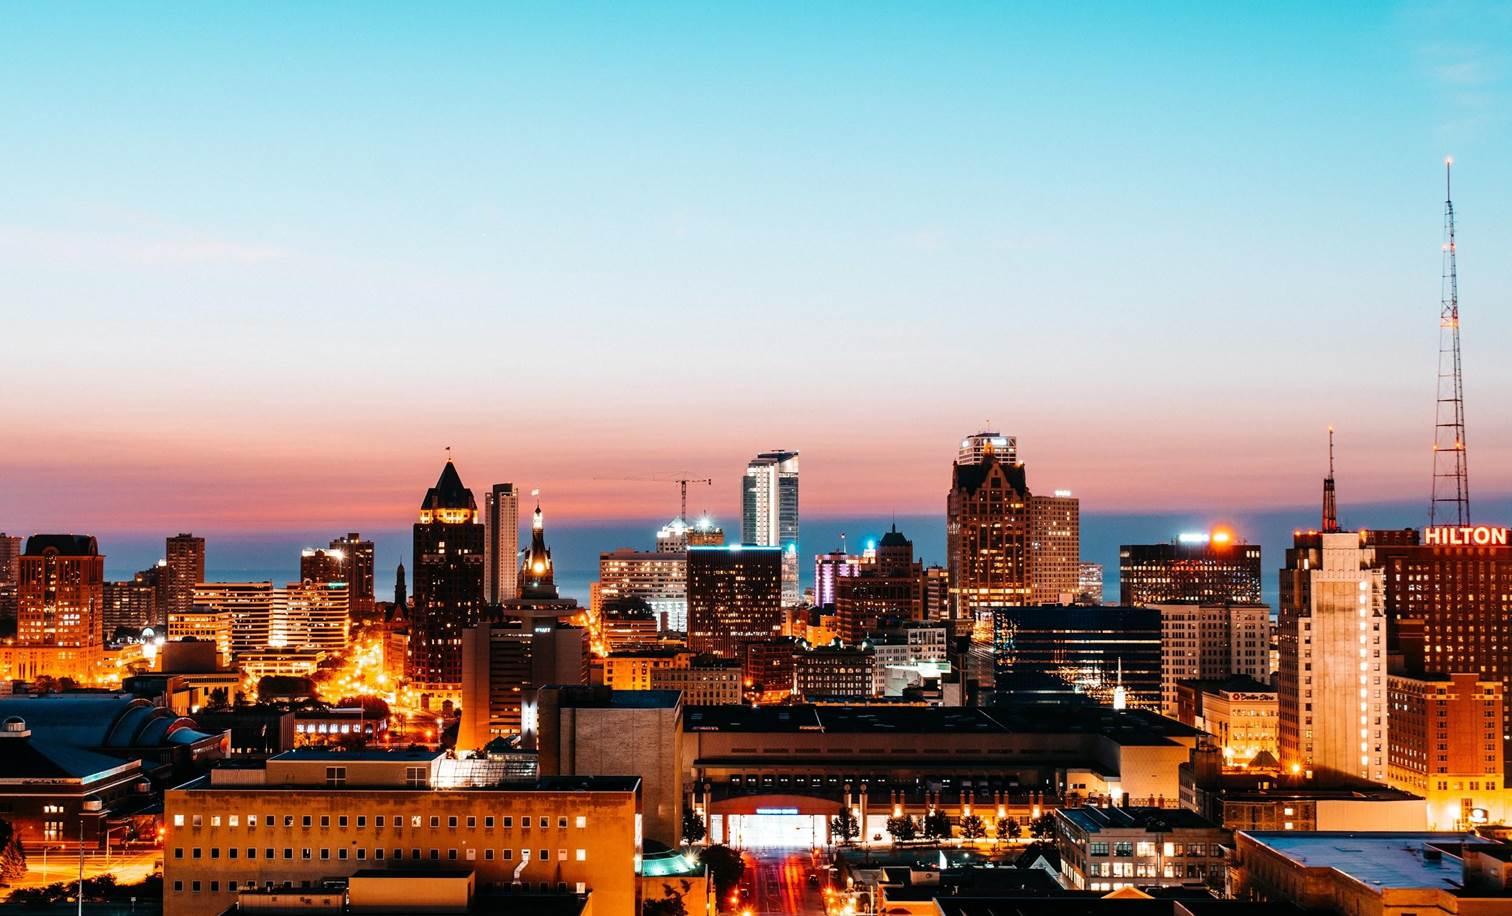 Wisconsin Industrial/B2B Buying Trends